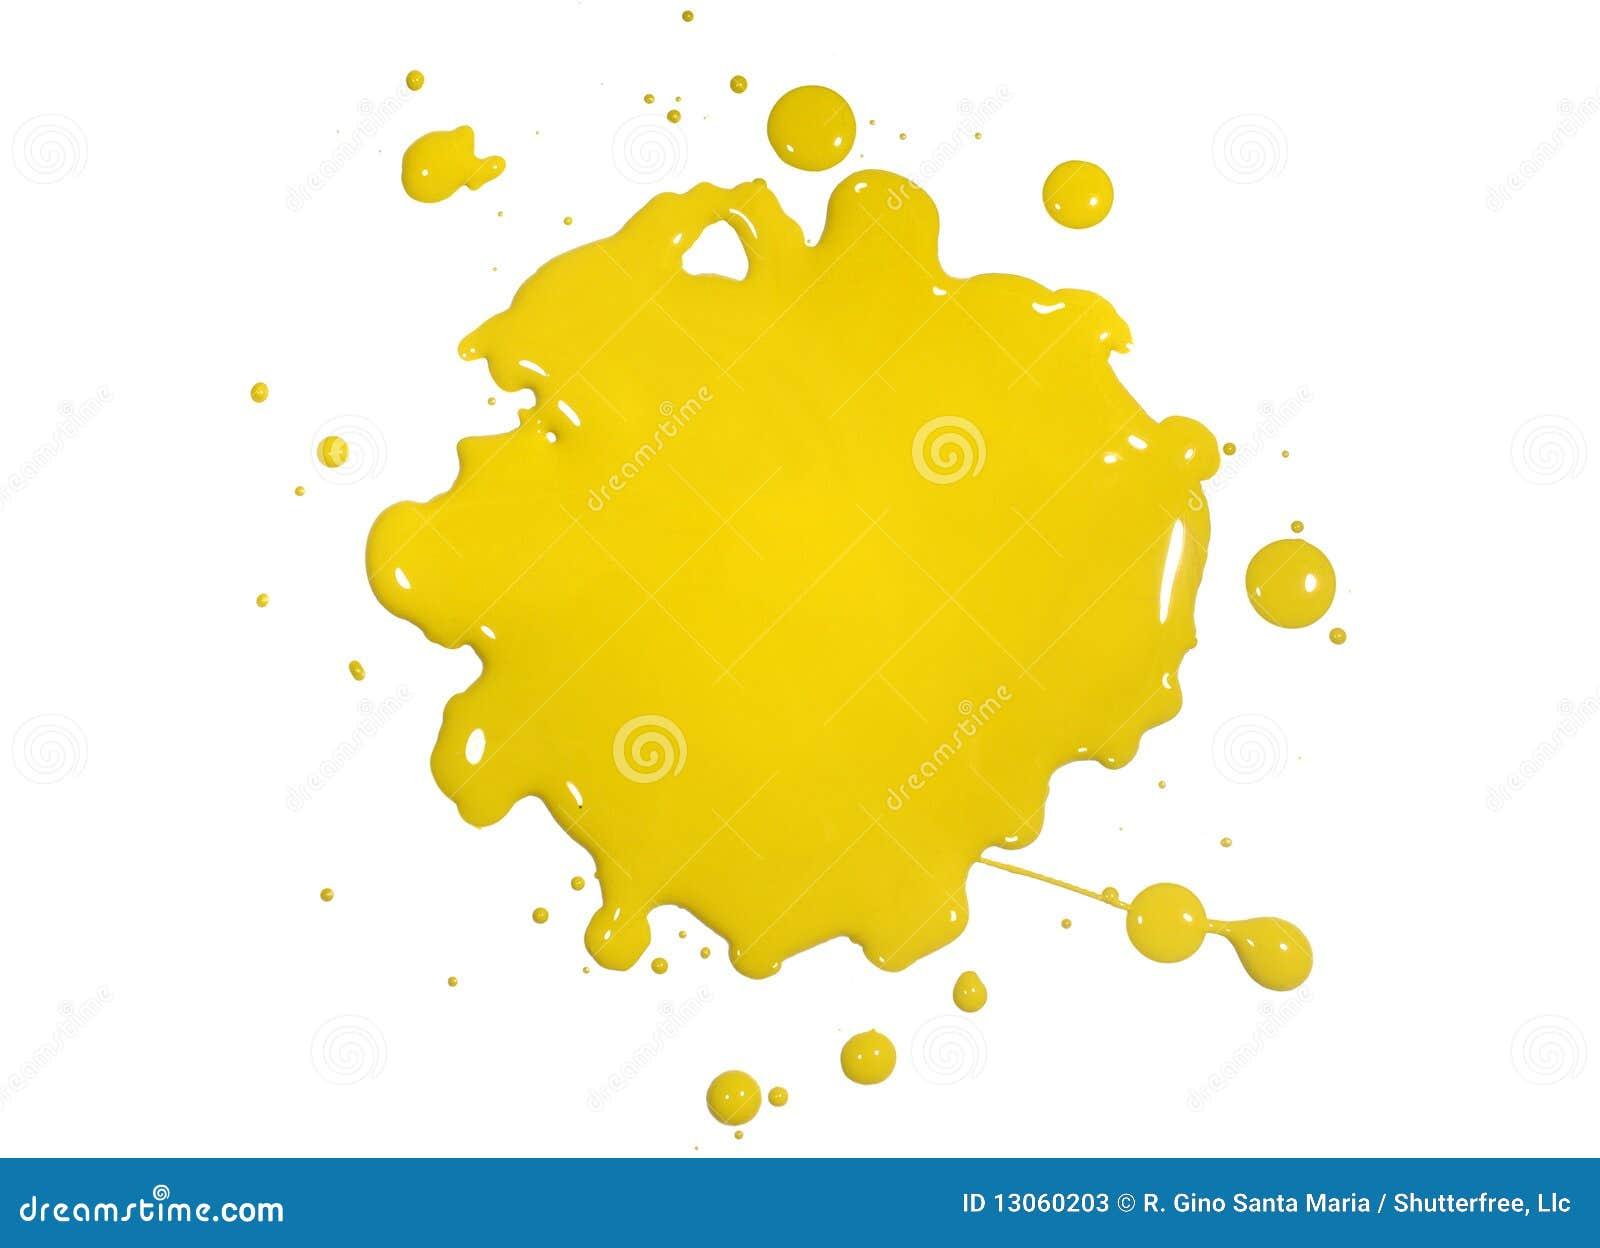 Éclaboussure jaune de peinture